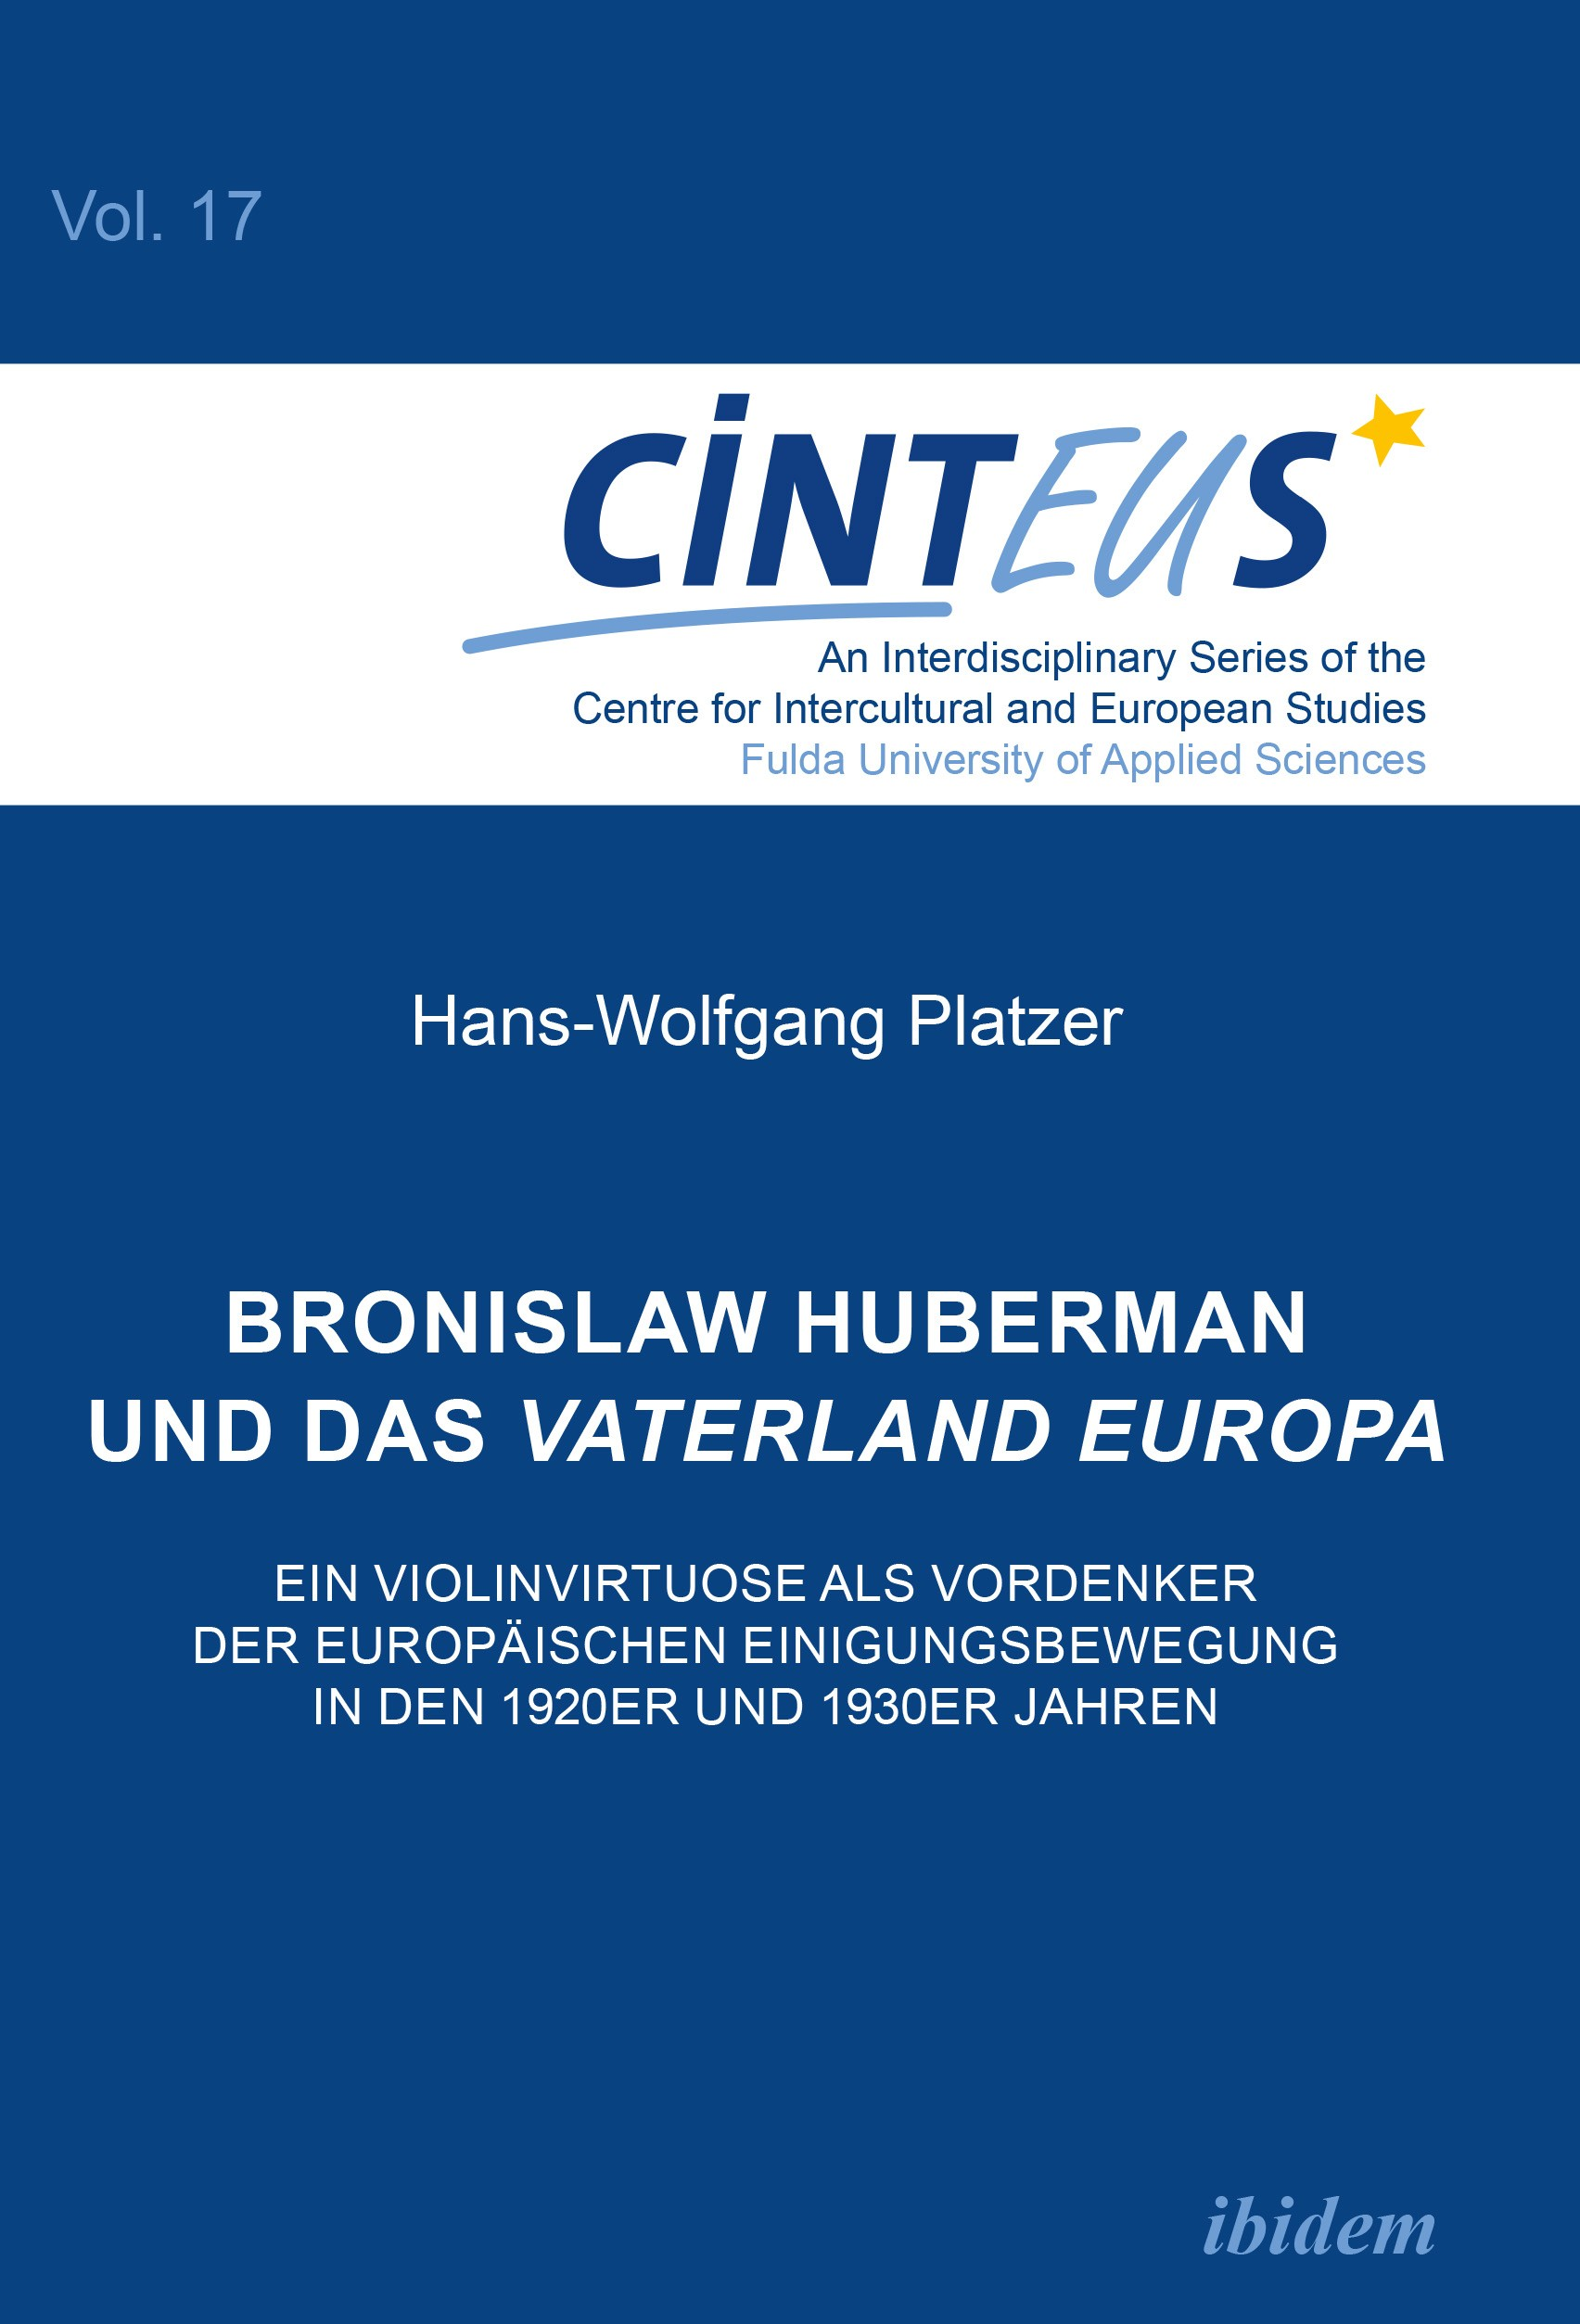 Bronislaw Huberman und das Vaterland Europa